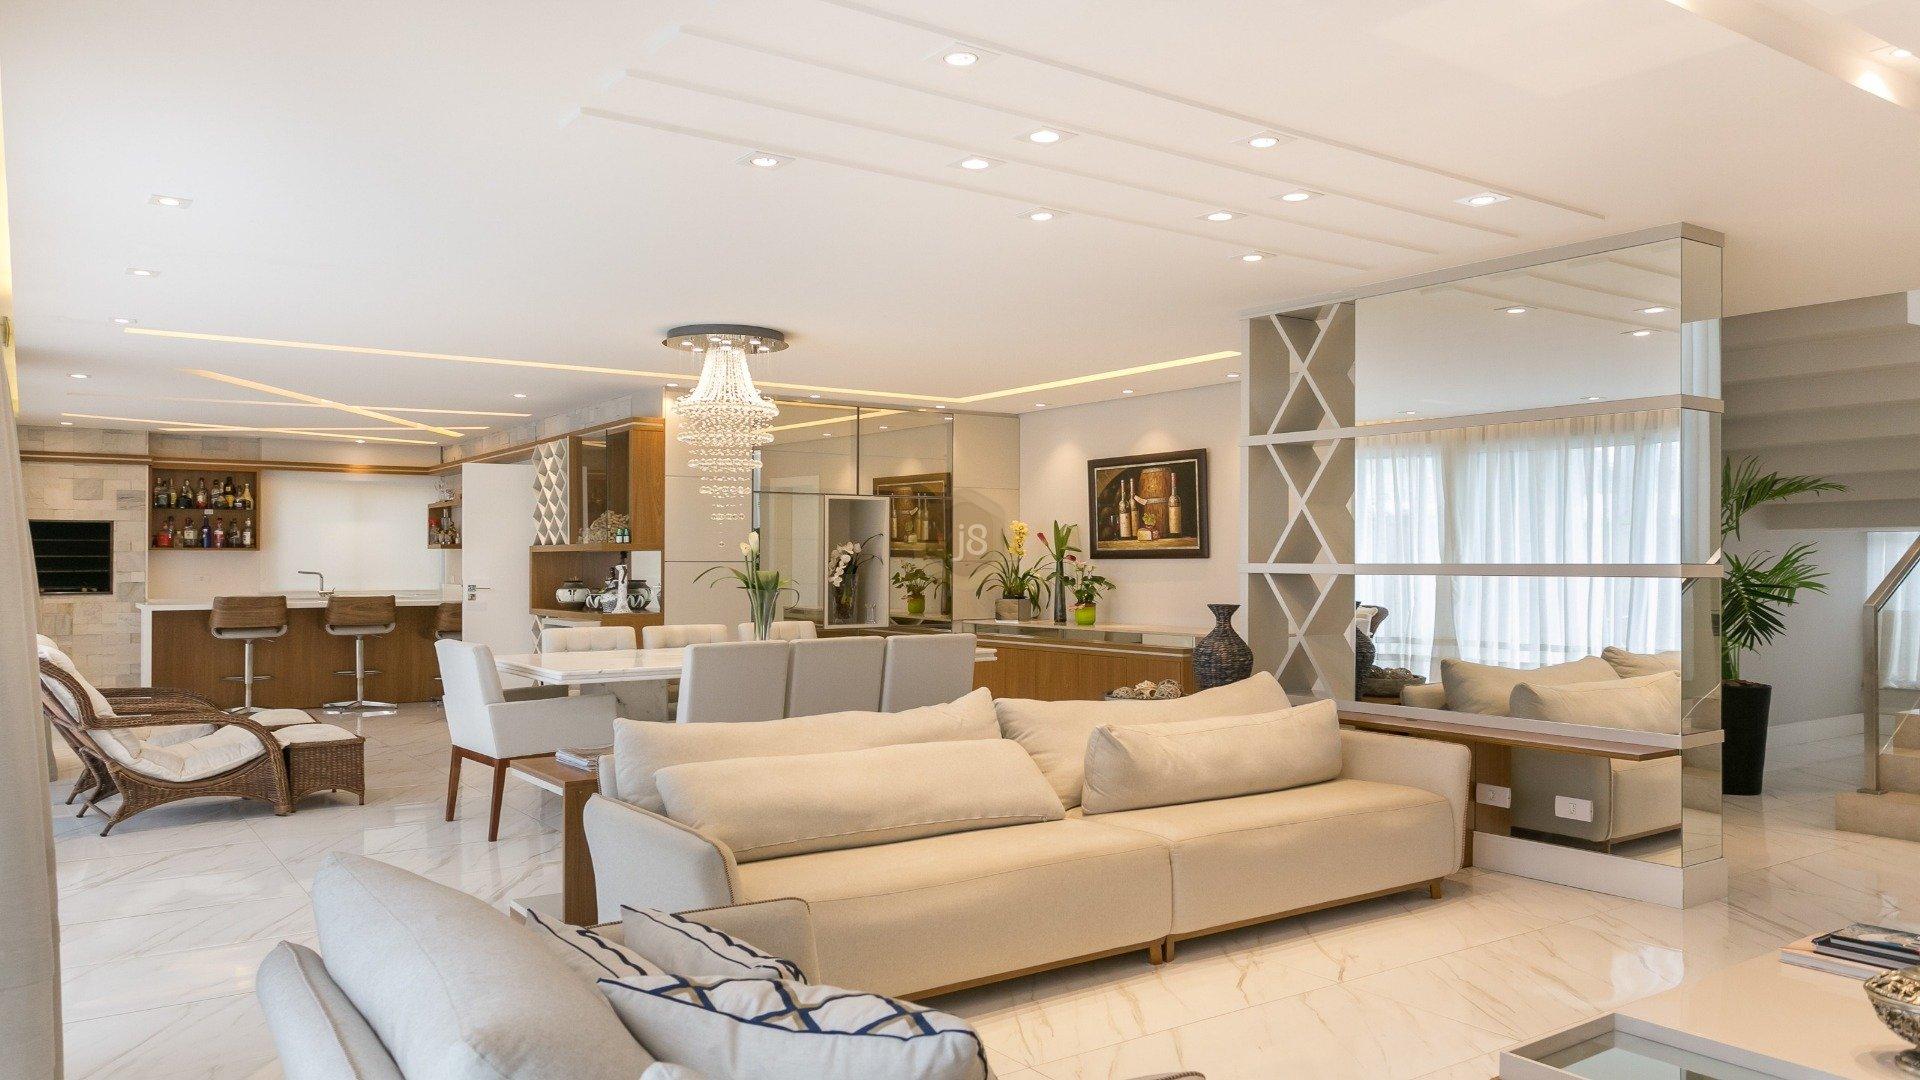 Foto de destaque Moderna casa em condomínio!